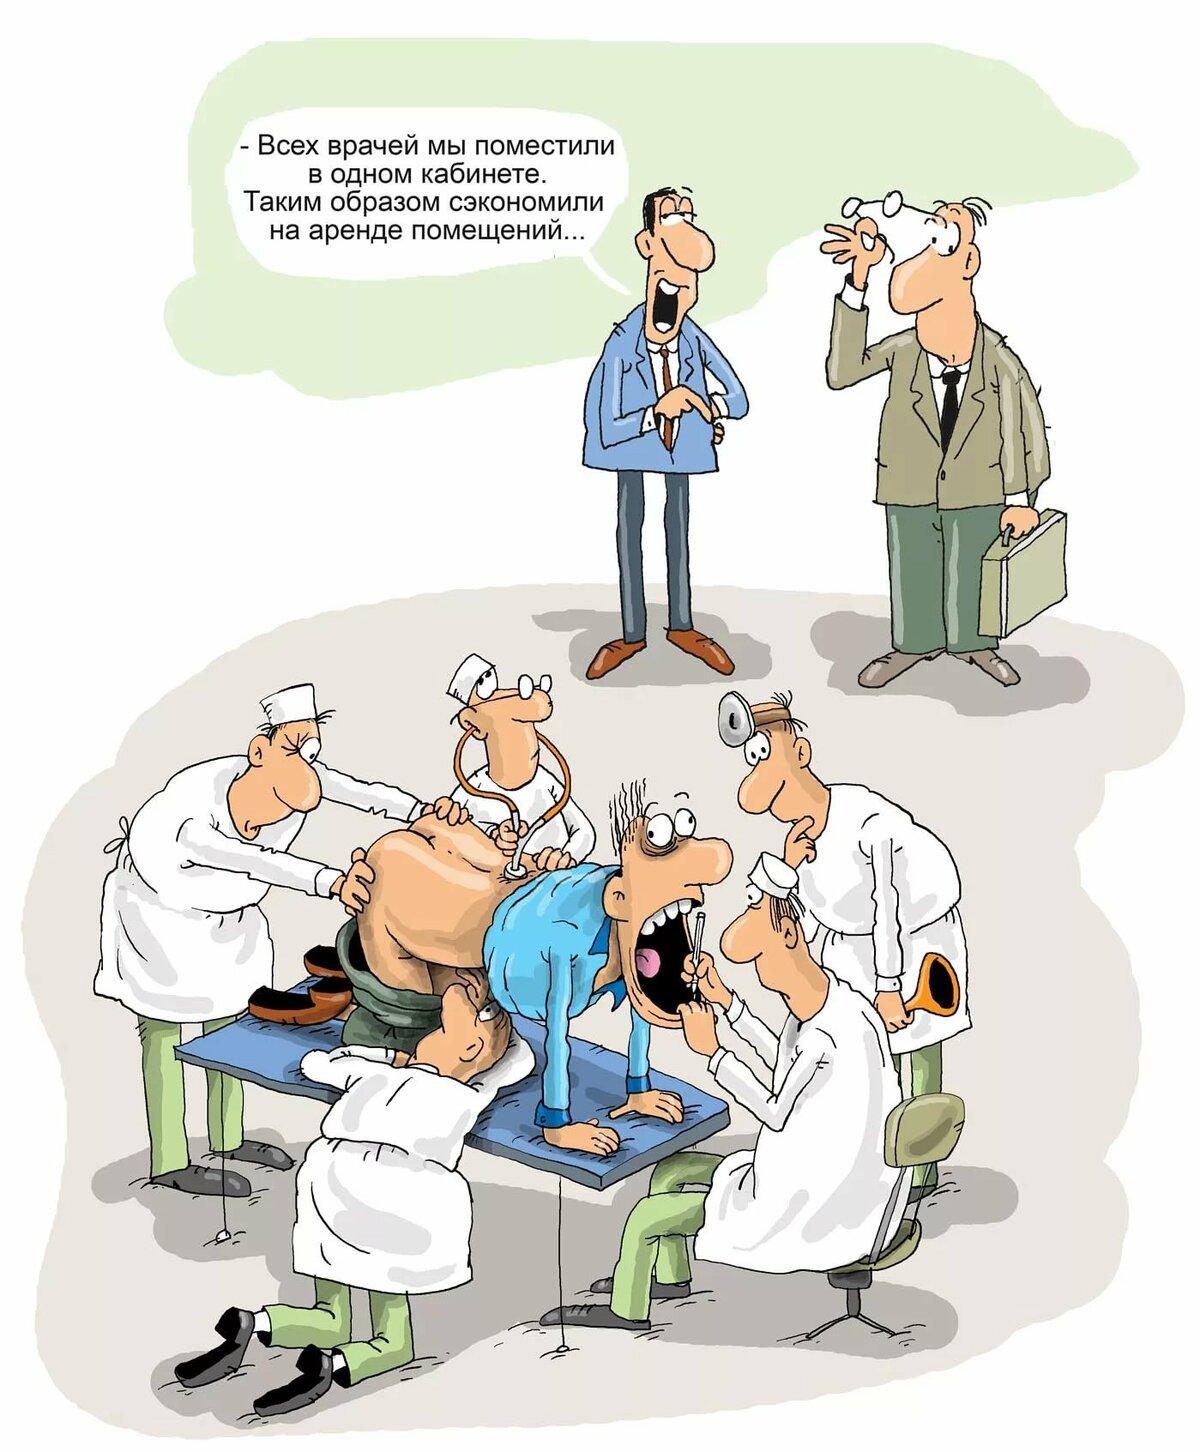 Прикольные картинки с врачом